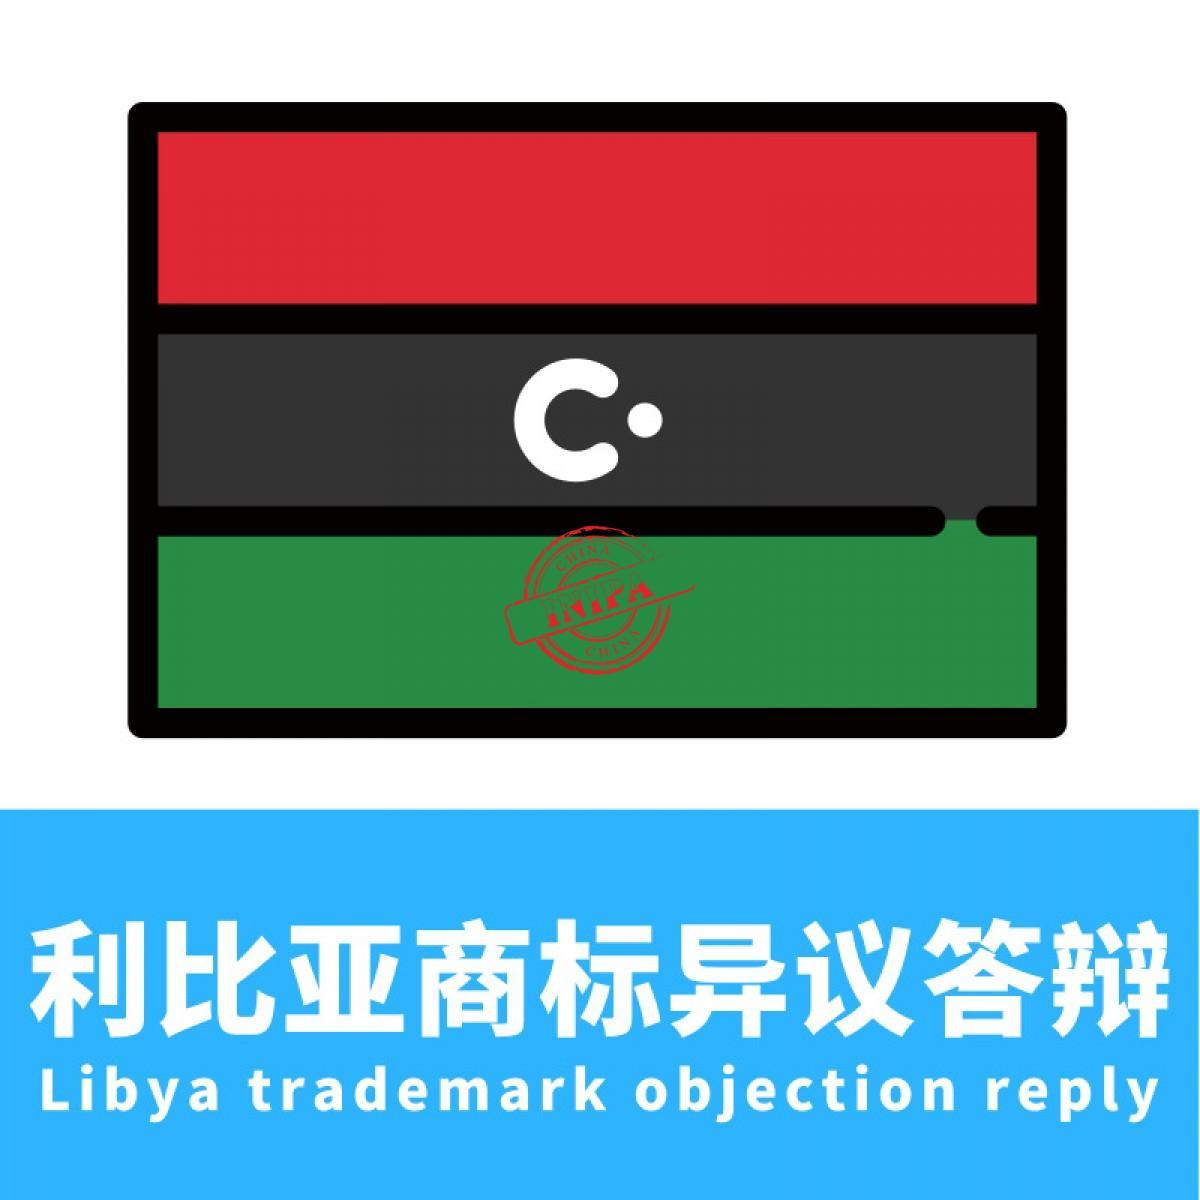 利比亚商标异议答辩/Libya trademark objection reply